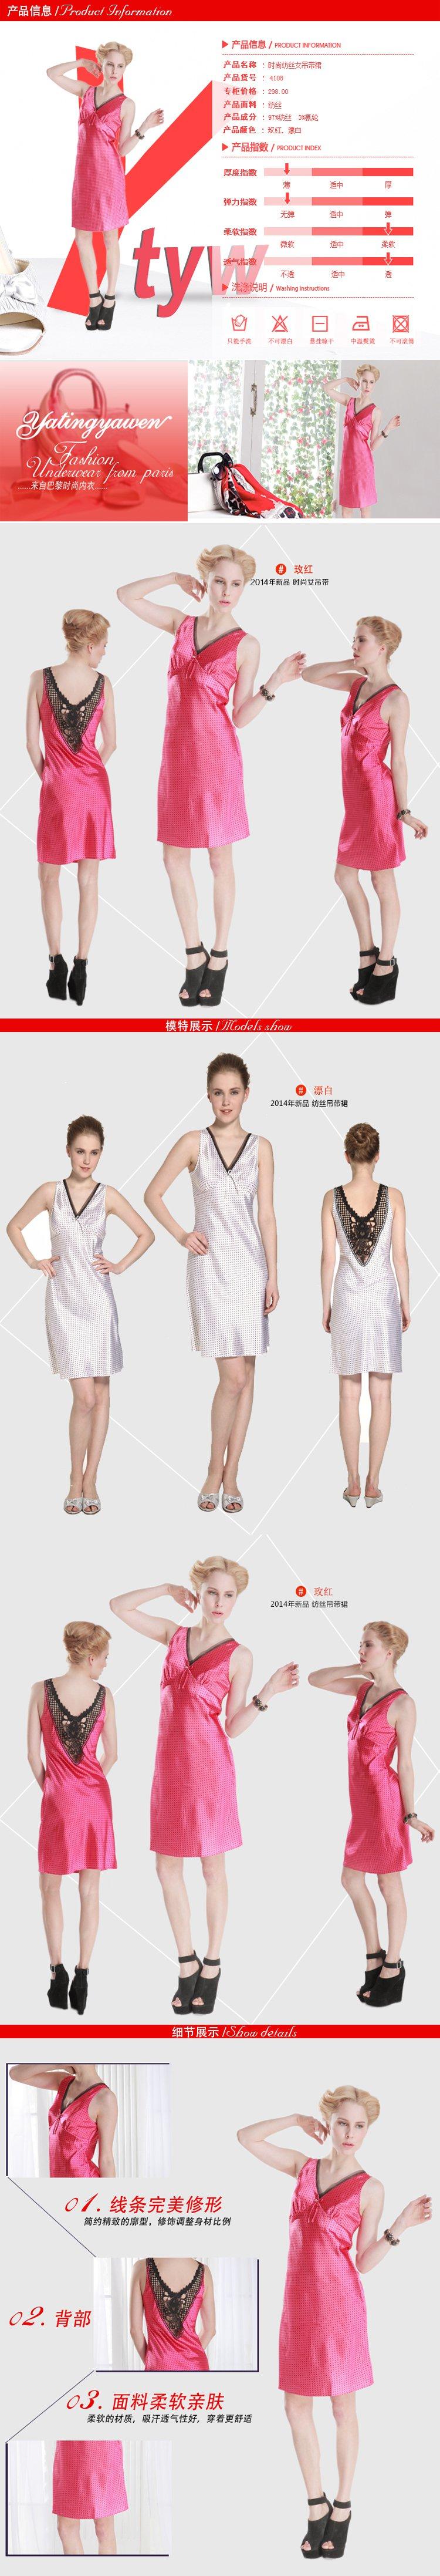 漂亮真丝裙子||漂亮裙子简笔画||漂亮裙子